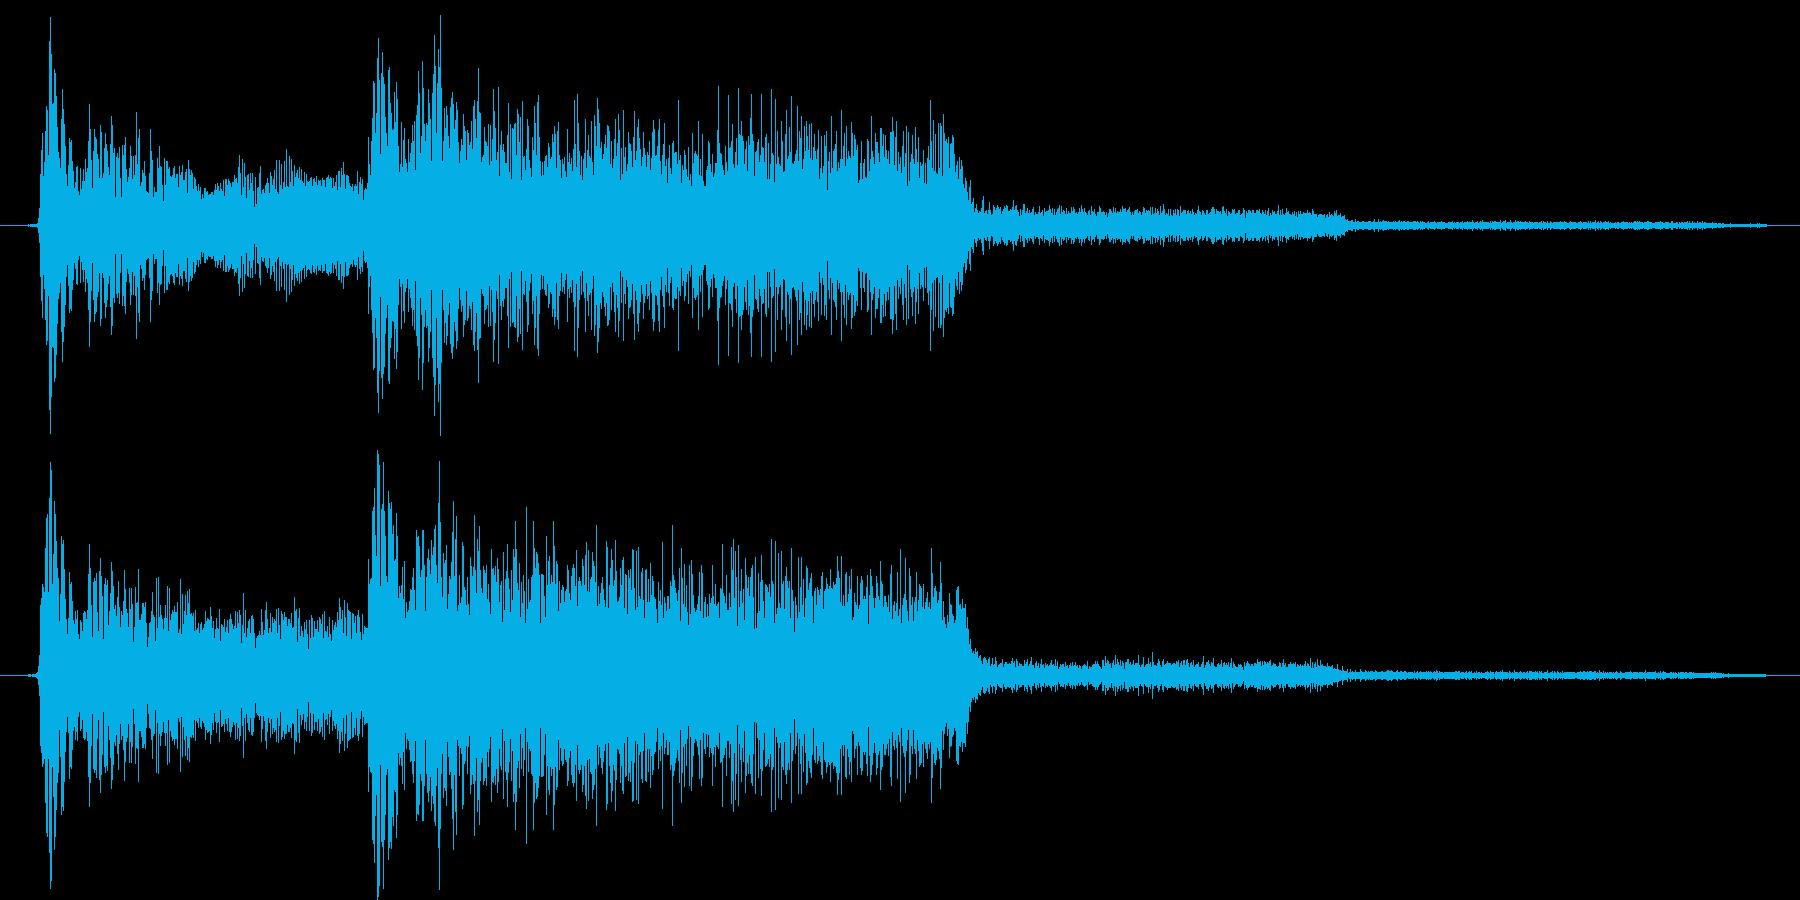 ゲーム、クイズ(正解)_005の再生済みの波形